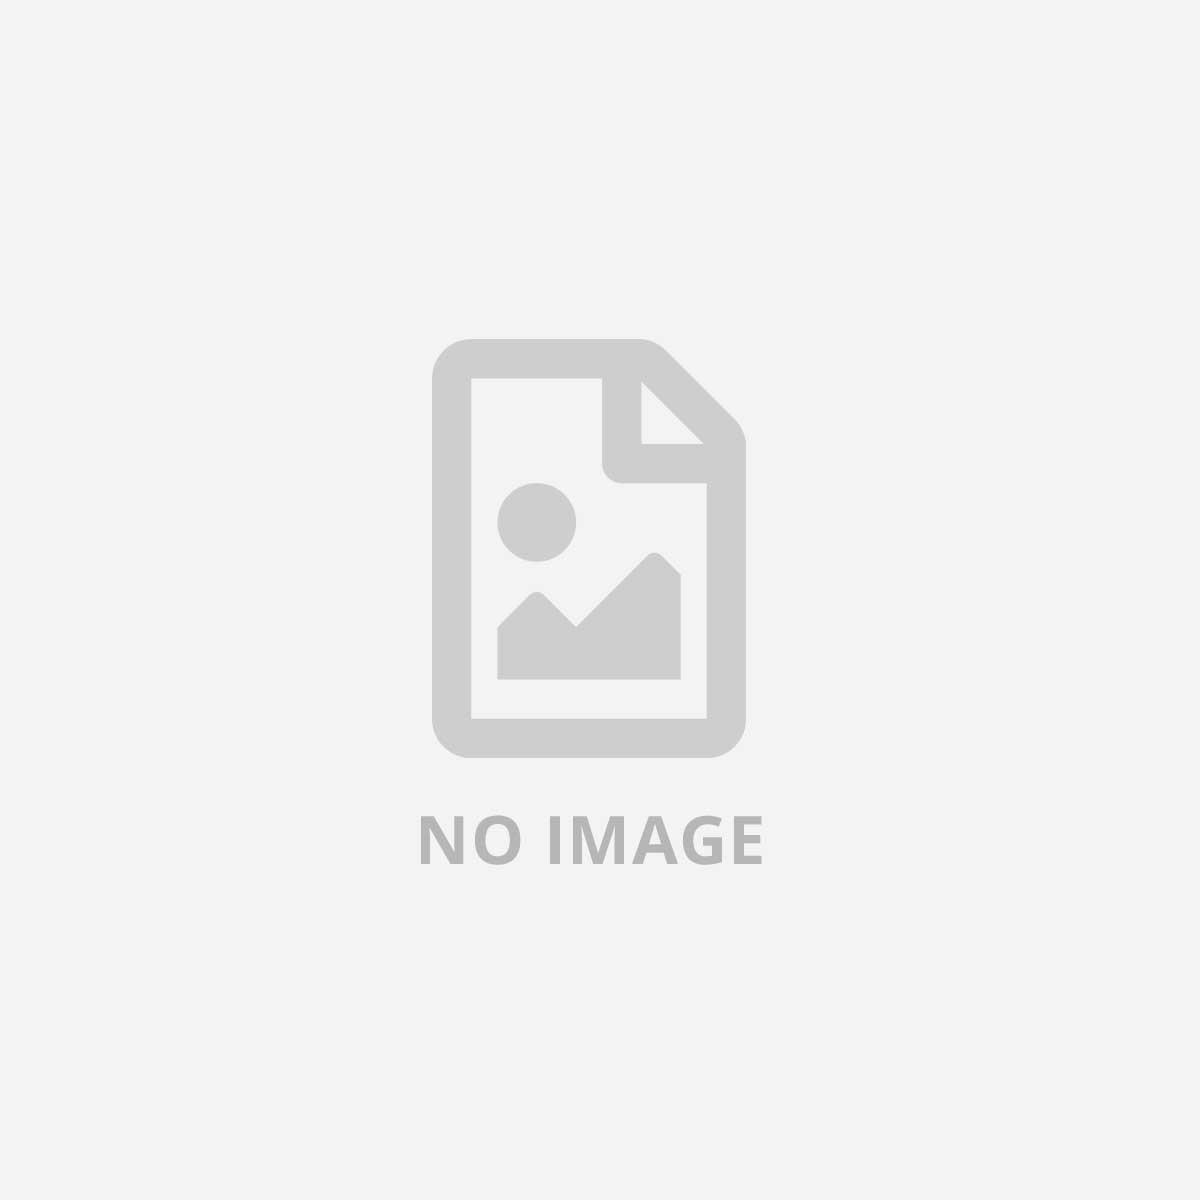 STRONG B400 32 HD READY DVB-T2/S2